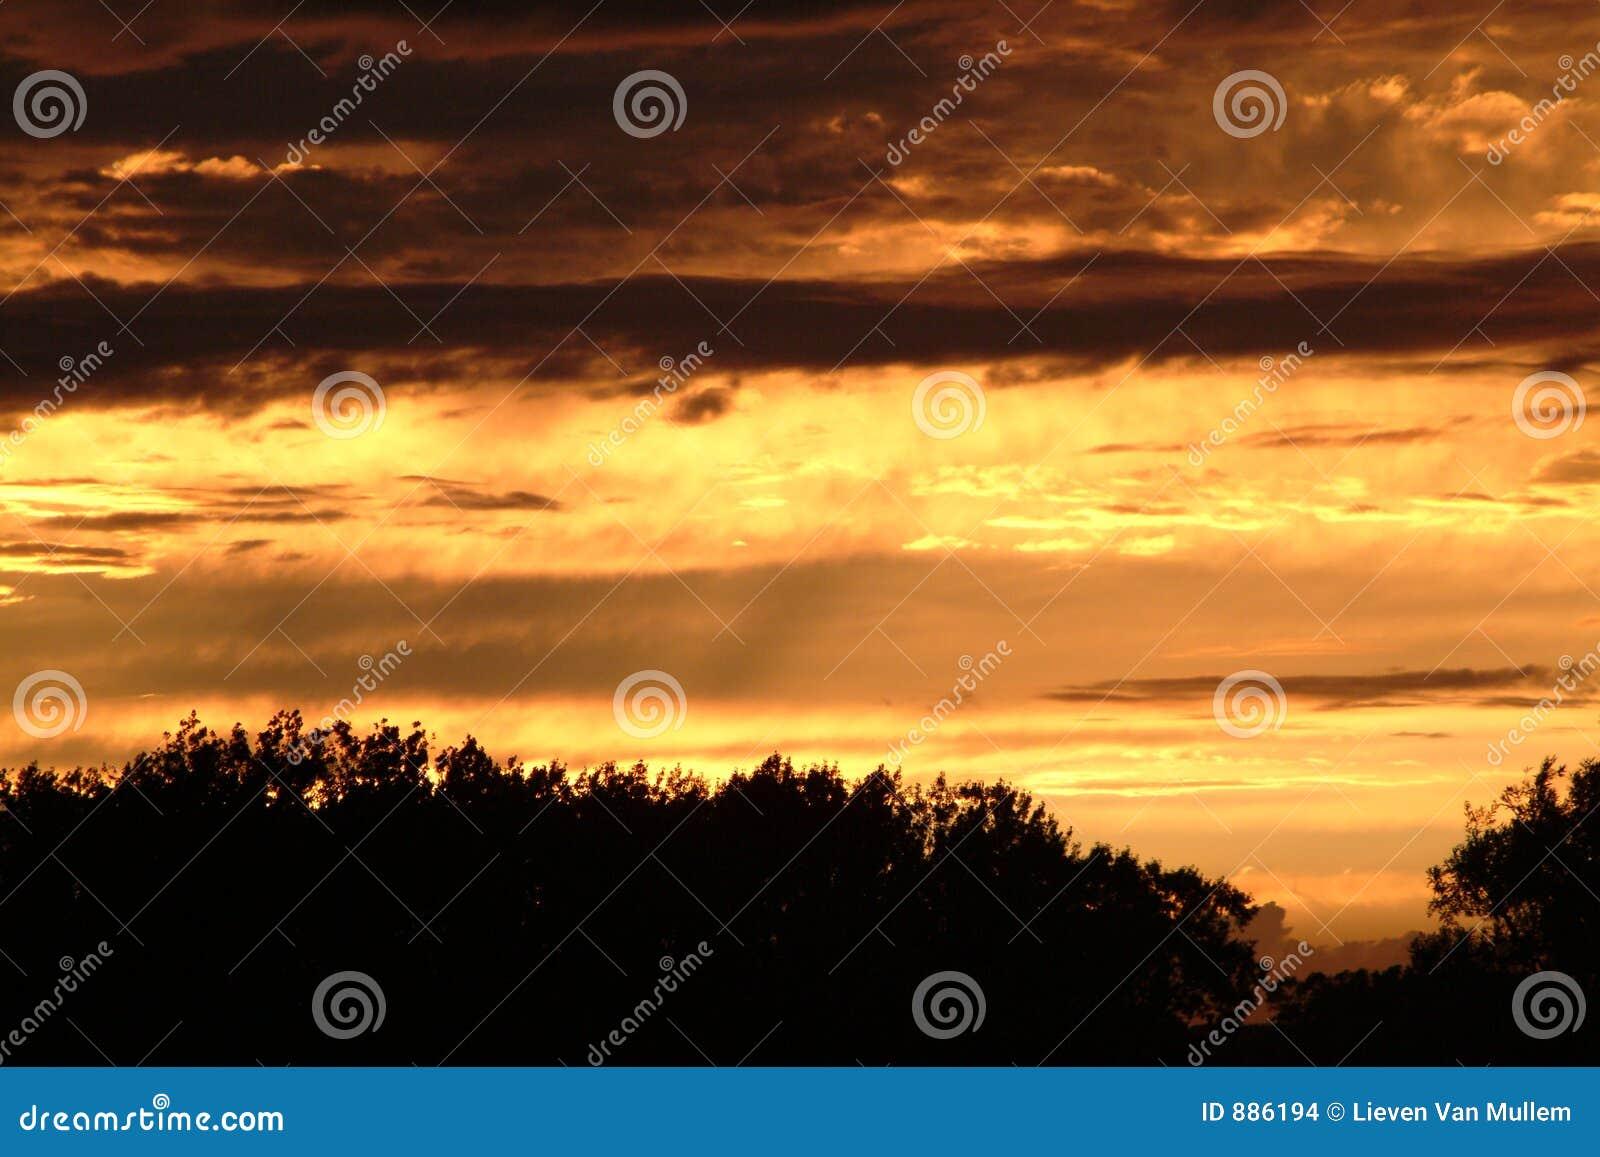 Ciemne chmury słońca